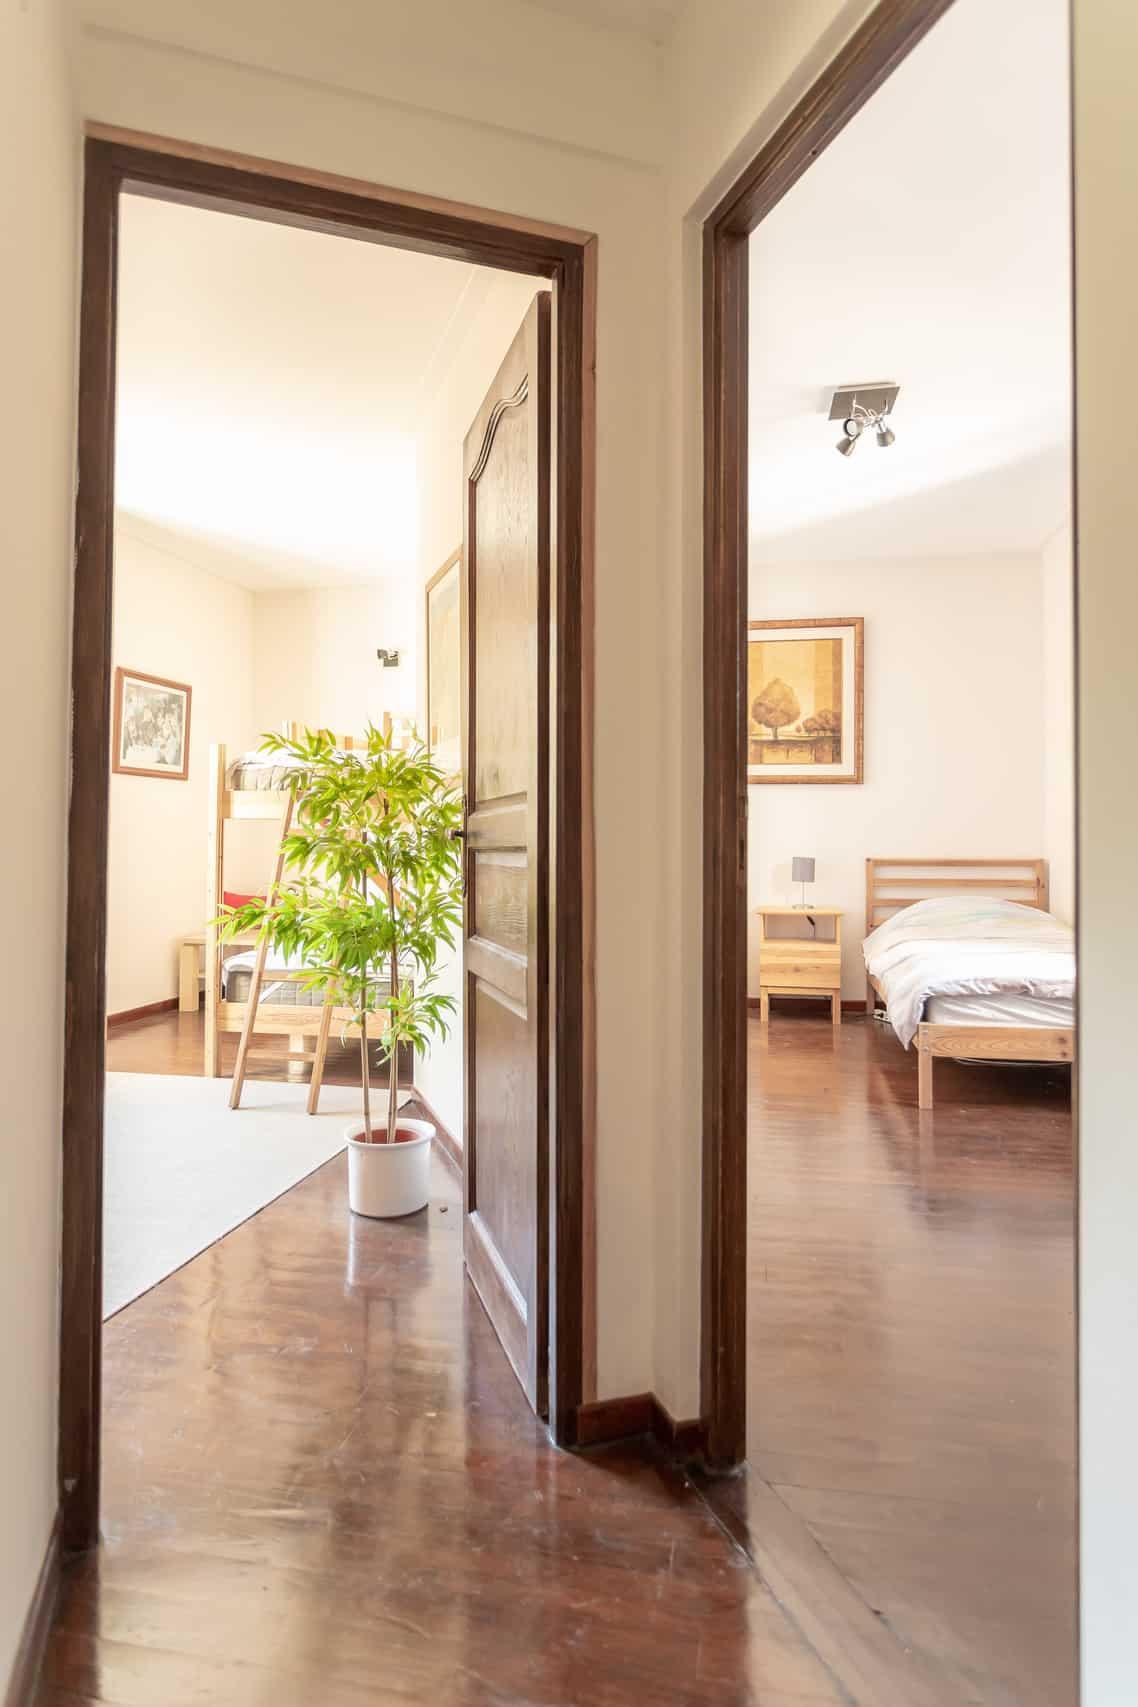 Bedrooms-WMC027